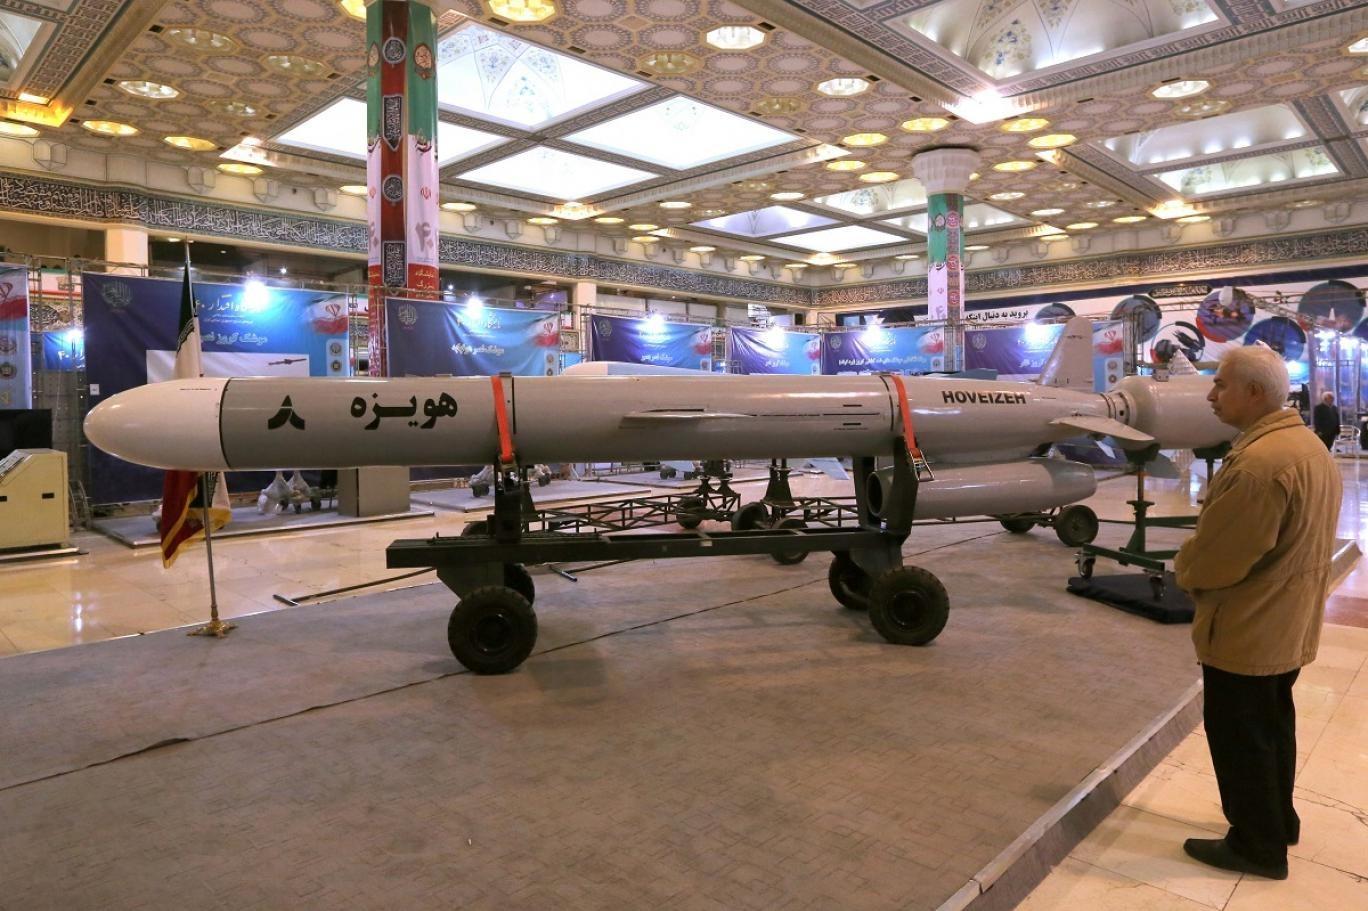 مصدر عسكري غربي: إسرائيل استهدفت شحنة صواريخ إيرانية جنوبي دمشق